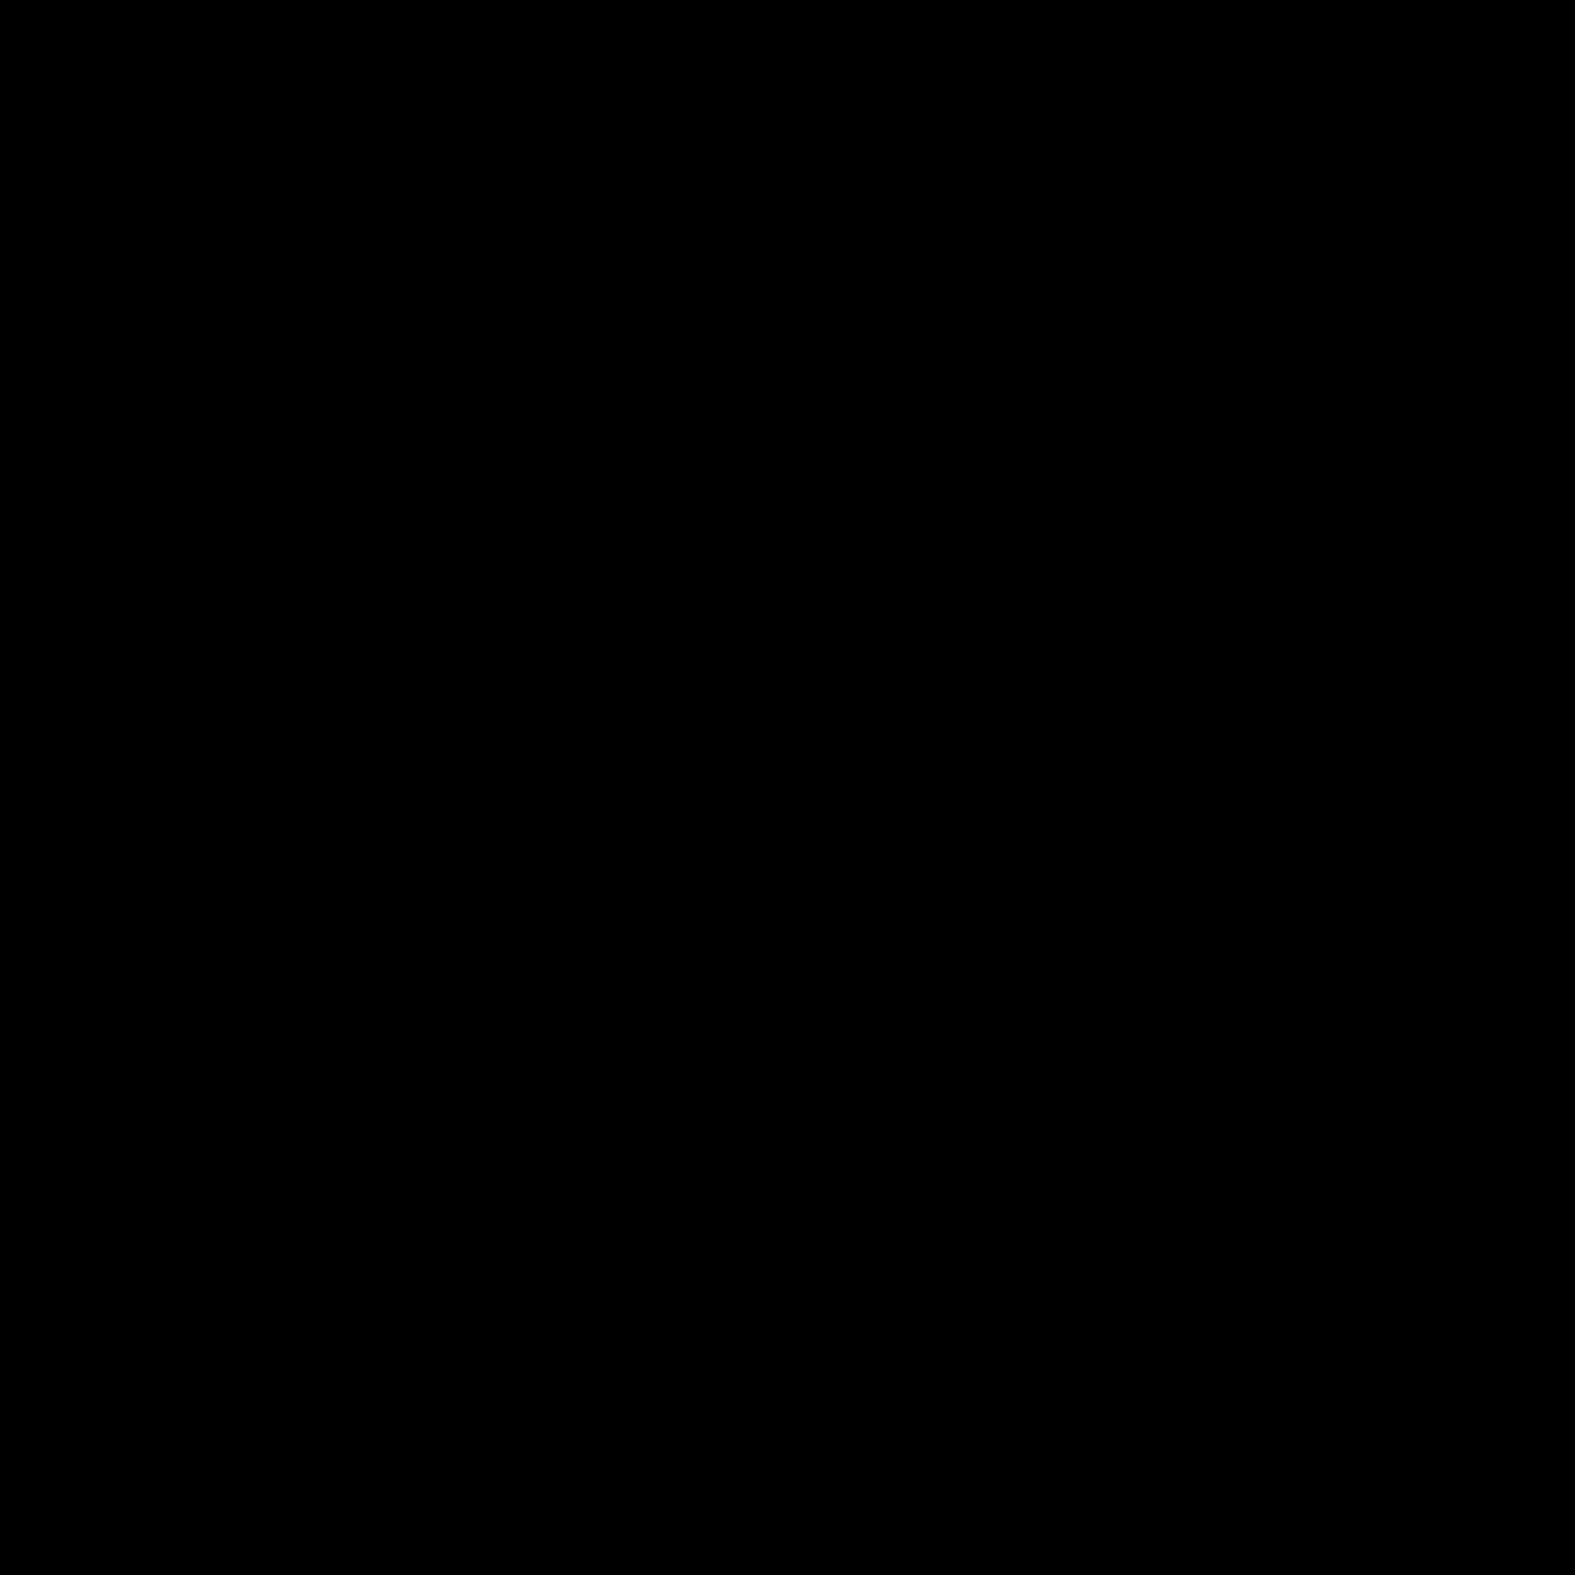 Necronomicon Enamel Pin Set